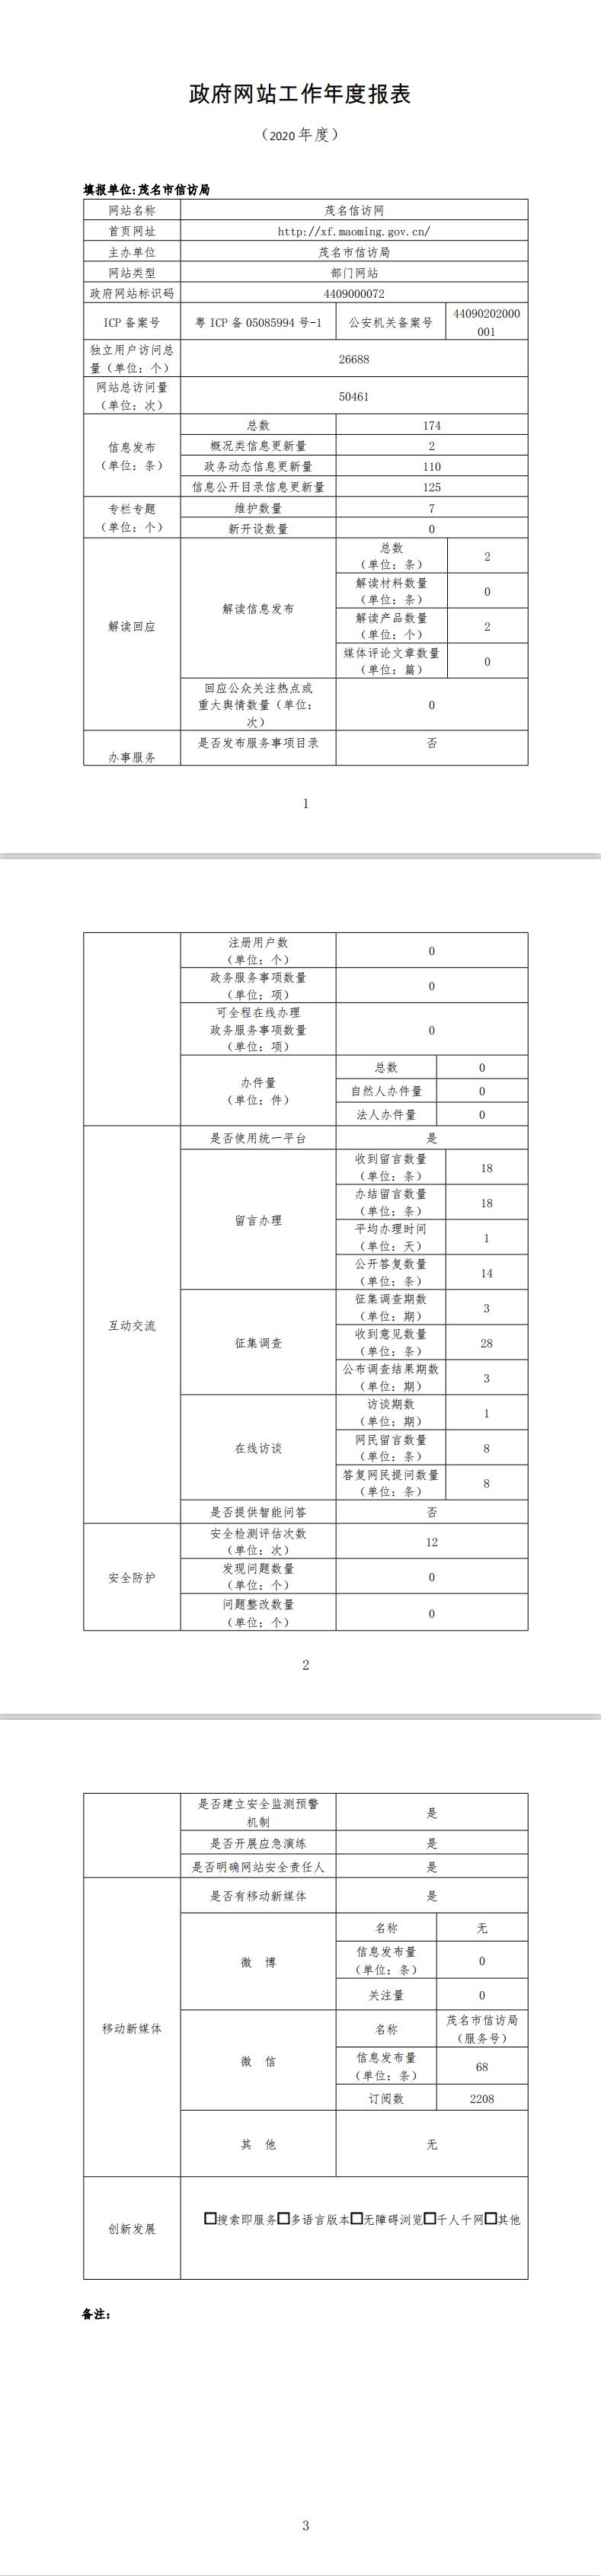 2020年政府网站工作报表.png